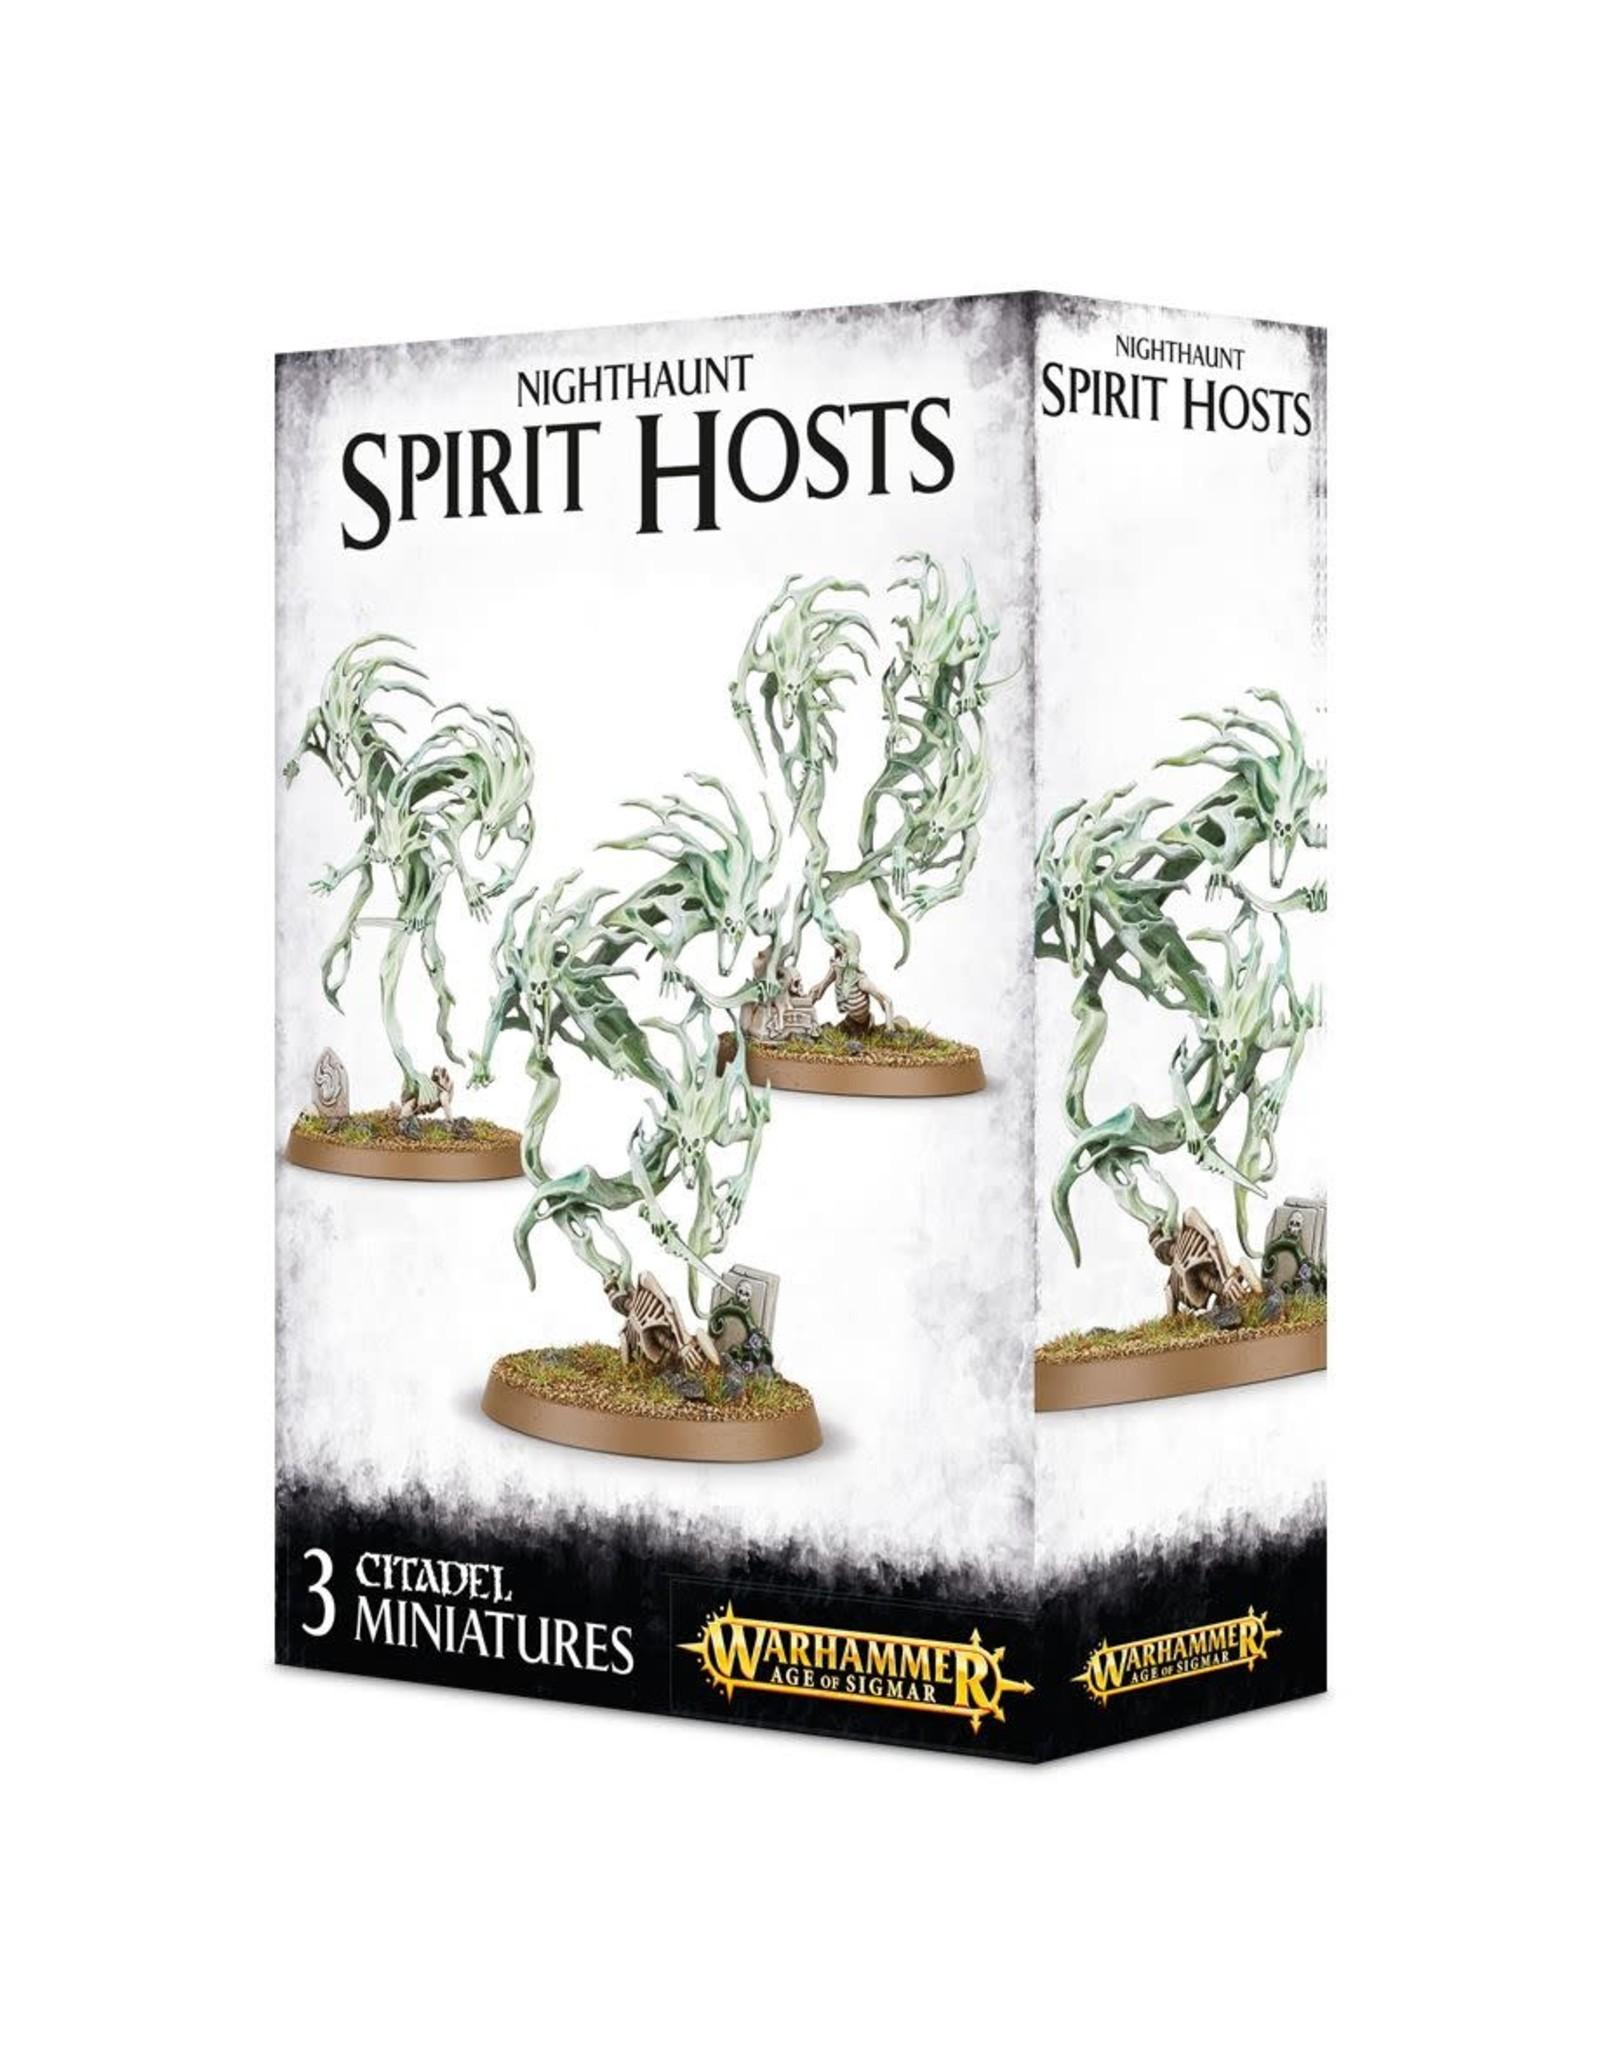 GAMES WORKSHOP WARHAMMER AGE OF SIGMAR - NIGHTHAUNT SPIRIT HOSTS